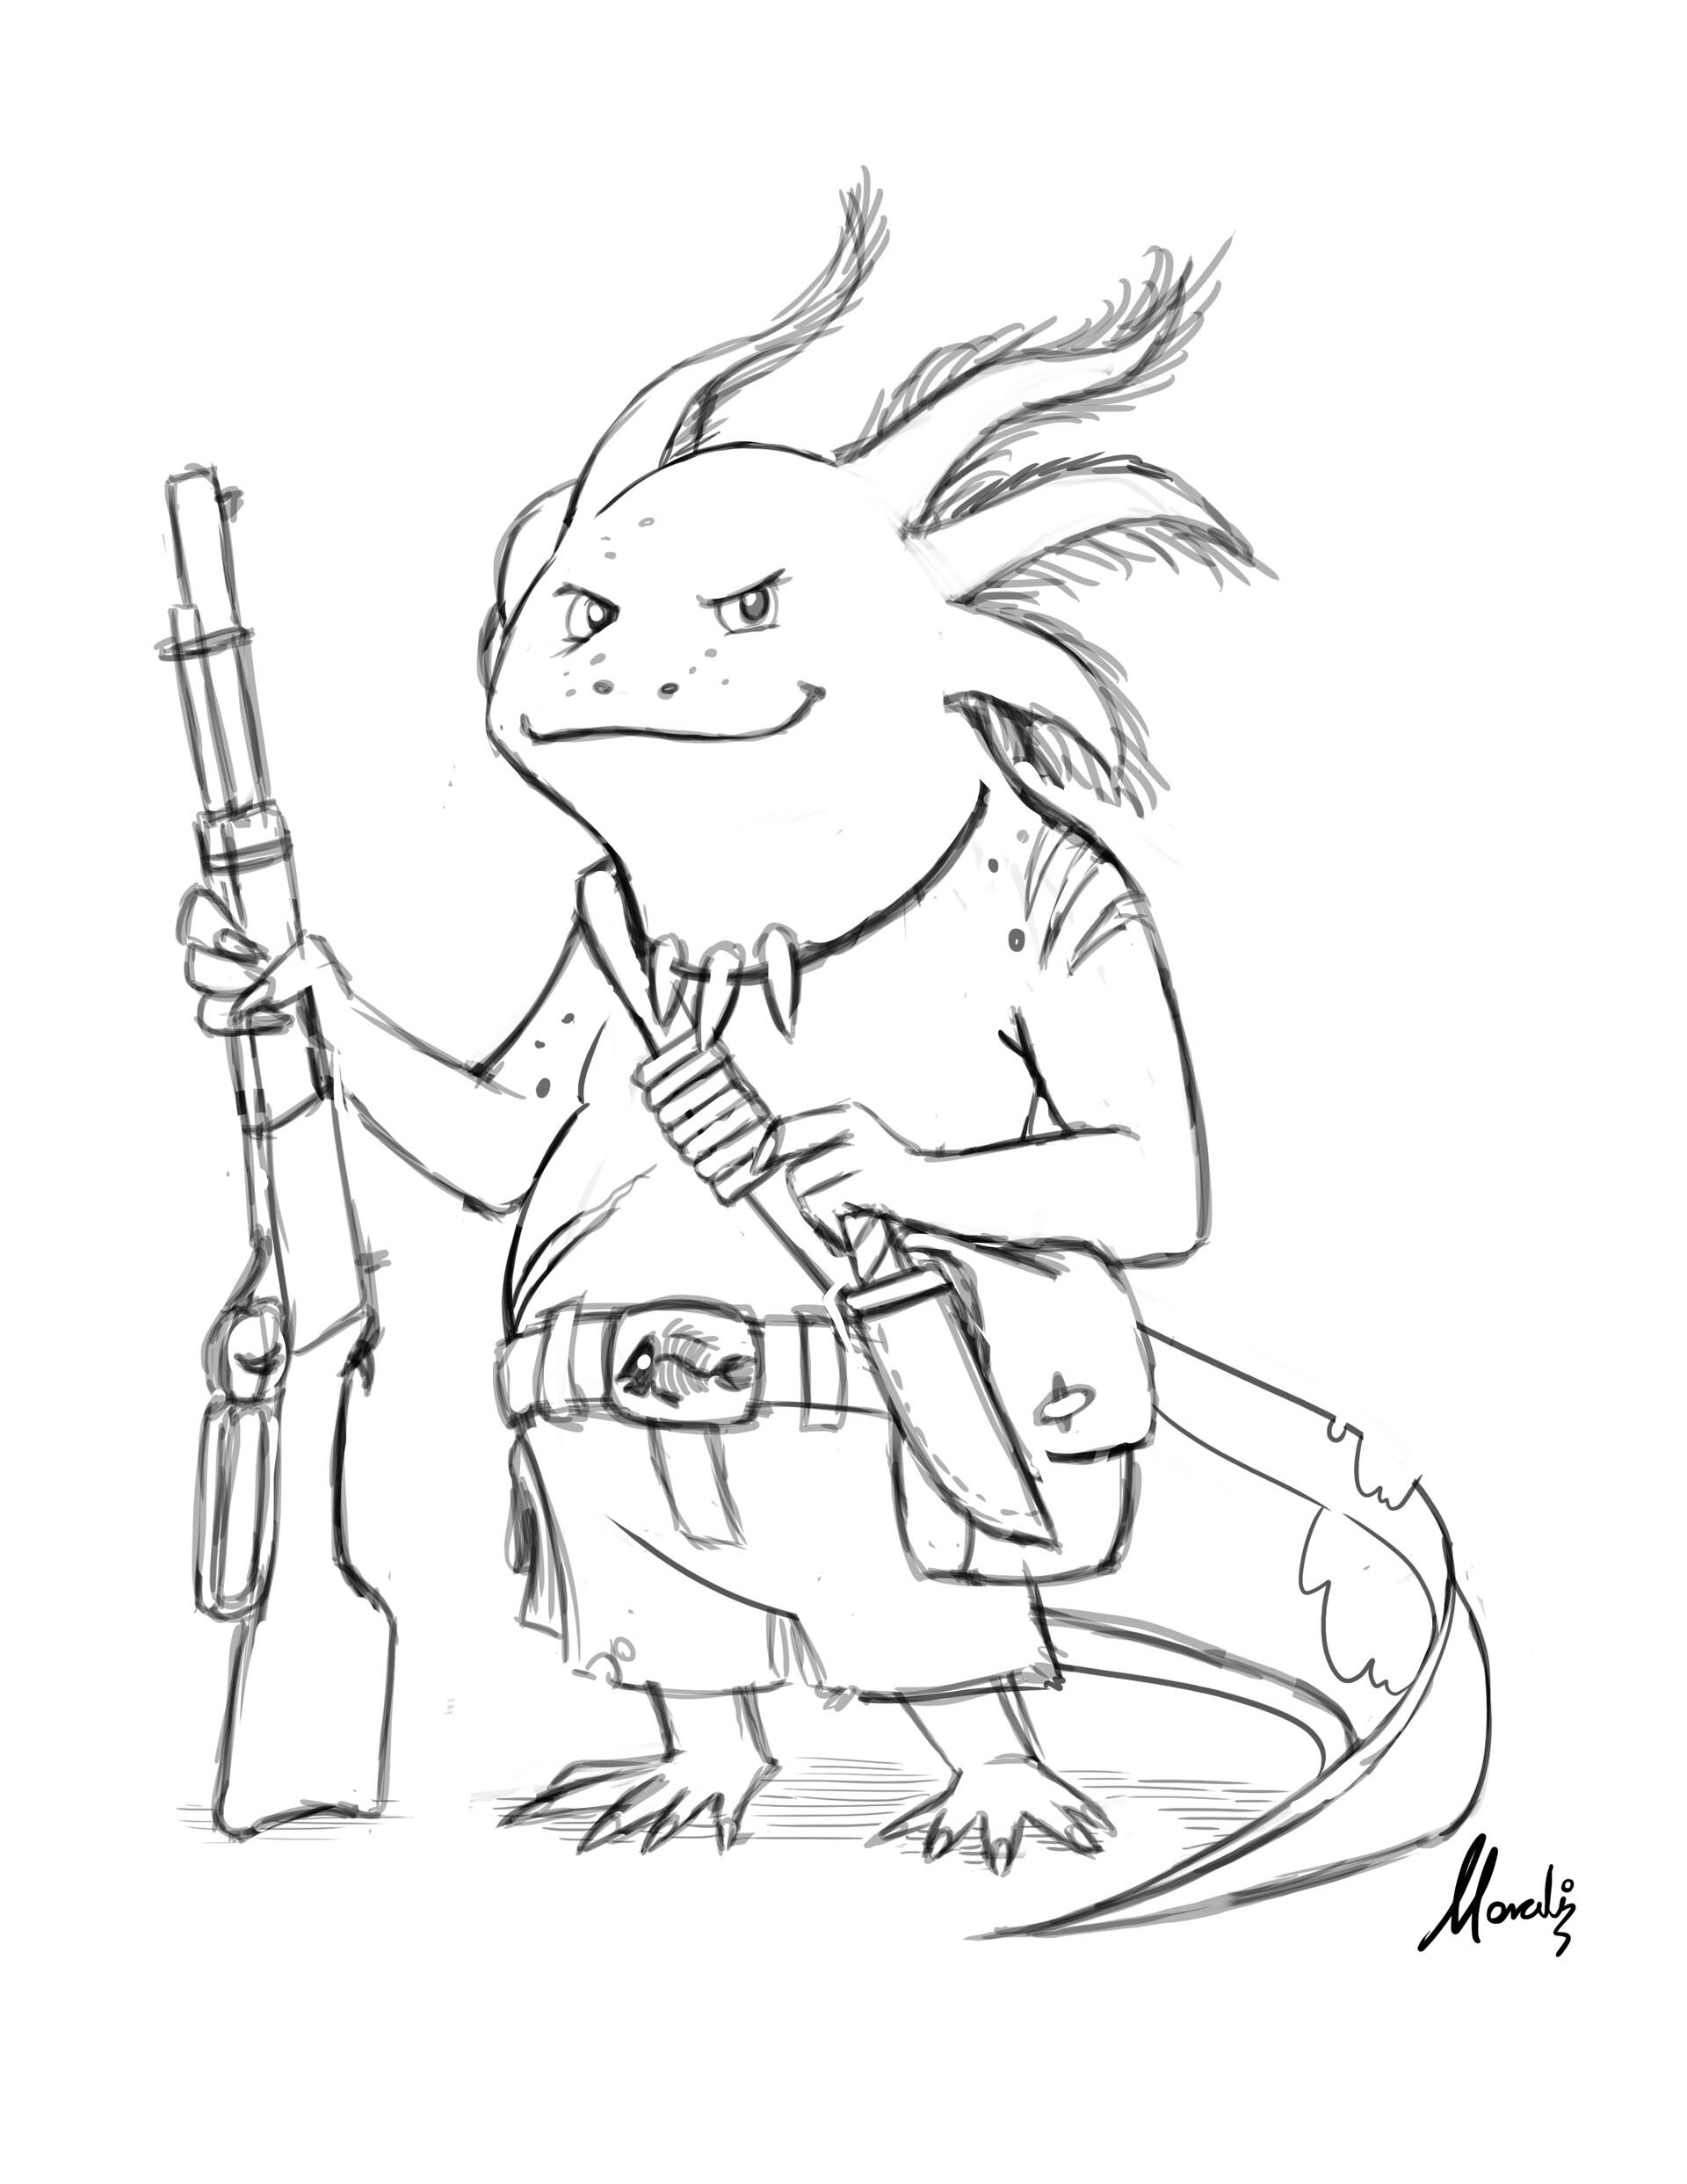 Mauricio morali axolotl sketch